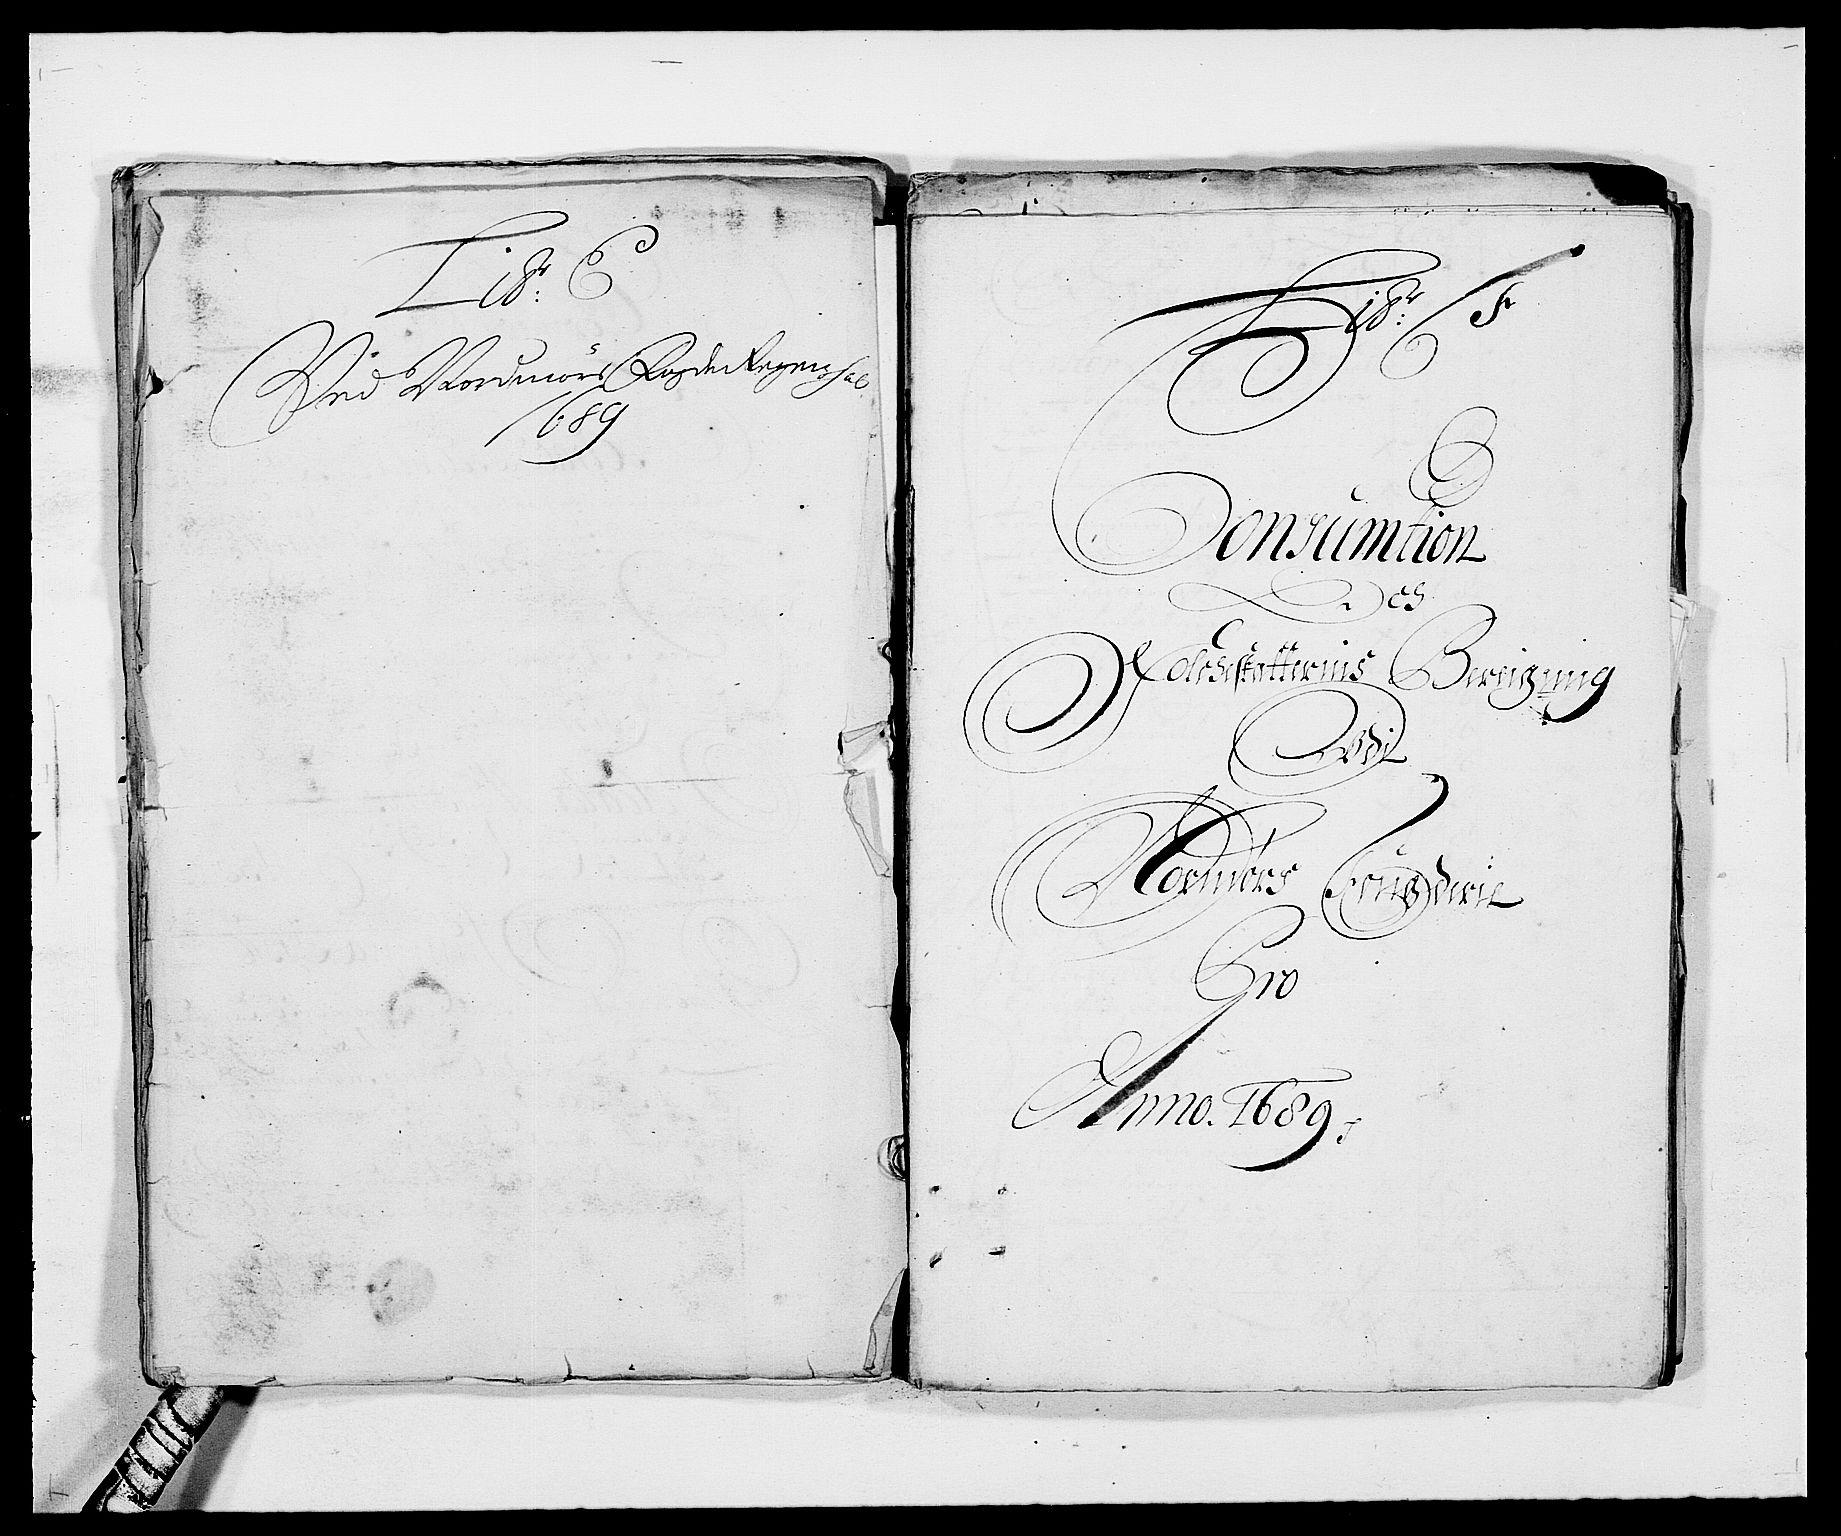 RA, Rentekammeret inntil 1814, Reviderte regnskaper, Fogderegnskap, R56/L3733: Fogderegnskap Nordmøre, 1687-1689, s. 379